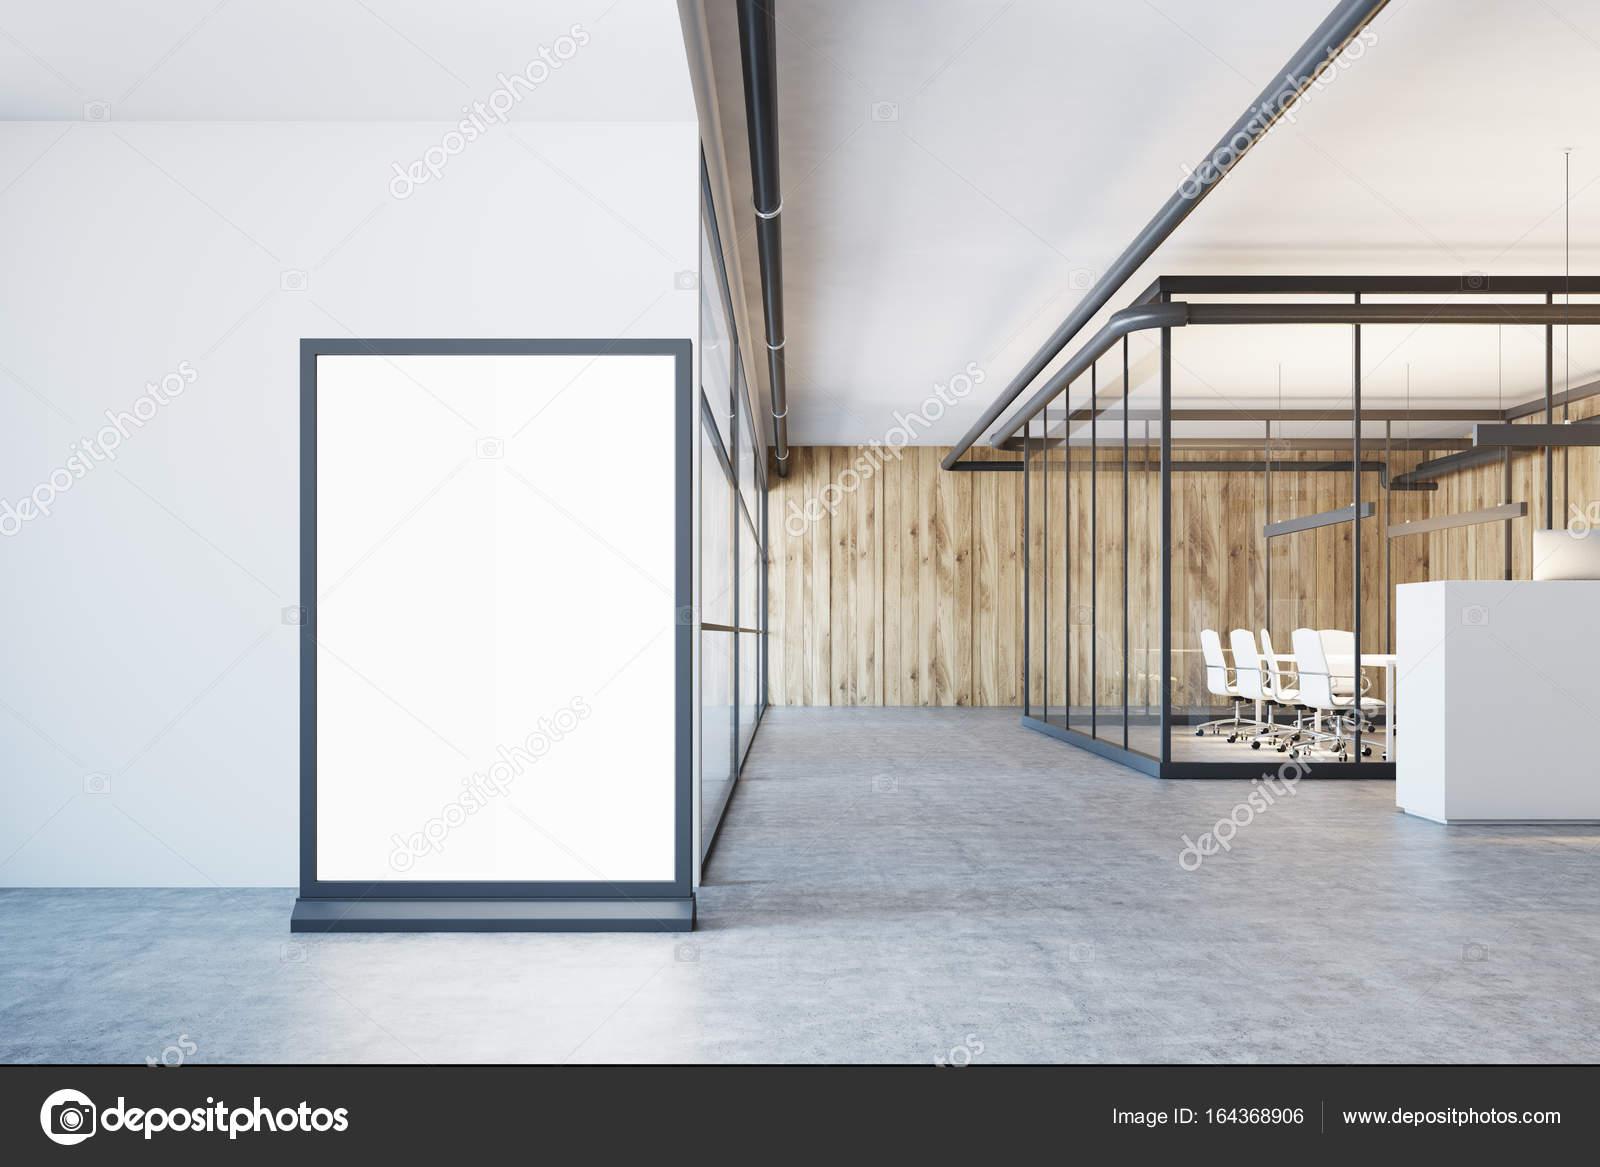 Ufficio Bianco E Legno : Ingresso dell ufficio bianco e legno poster u foto stock